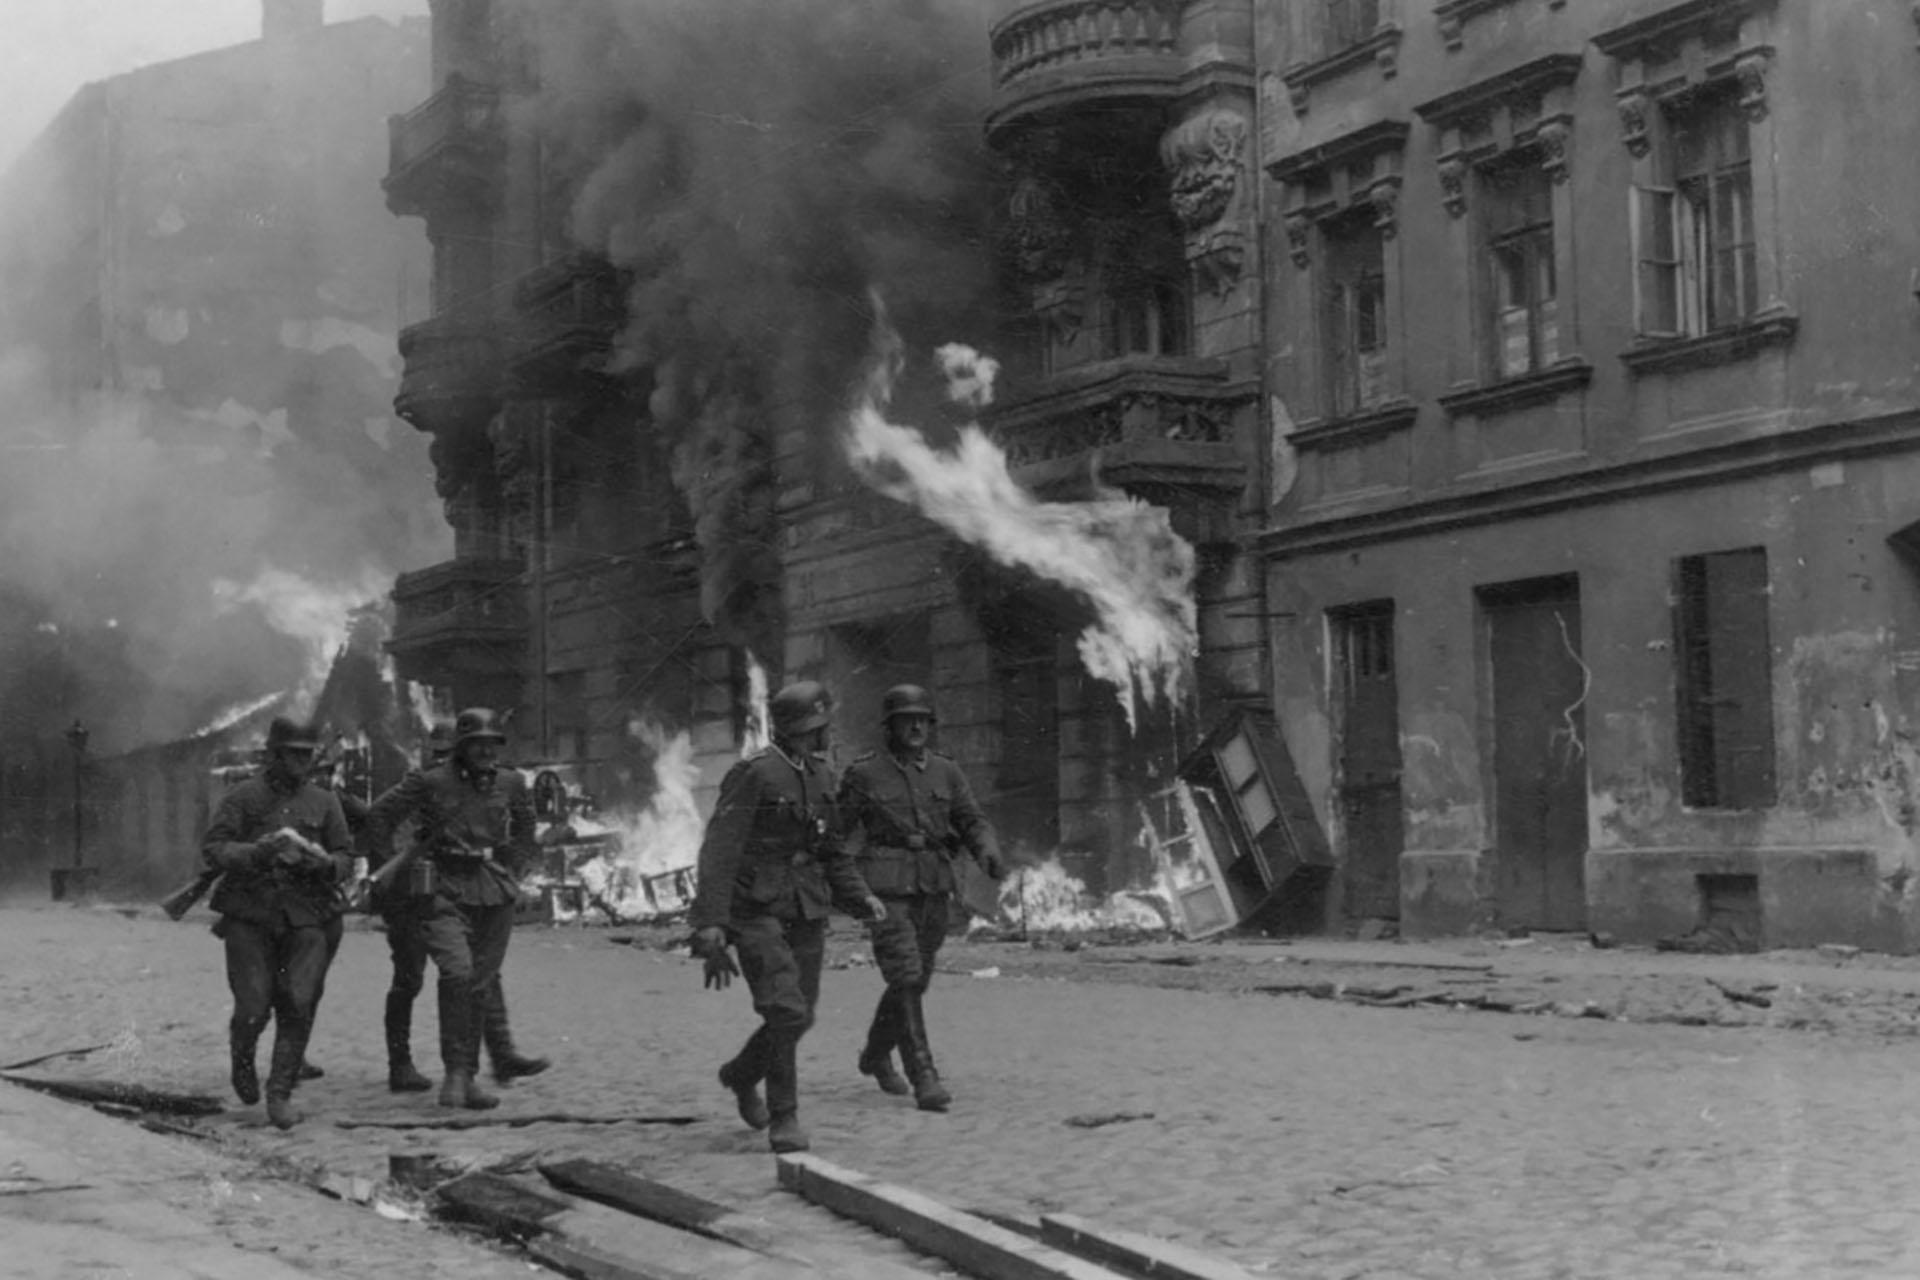 El 18 de enero de 1943 fue la primer resistencia armada. 13 000 judíos murieron en la lucha y 37 000 fueron deportados a Treblinka. Muy pocos sobrevivieron.